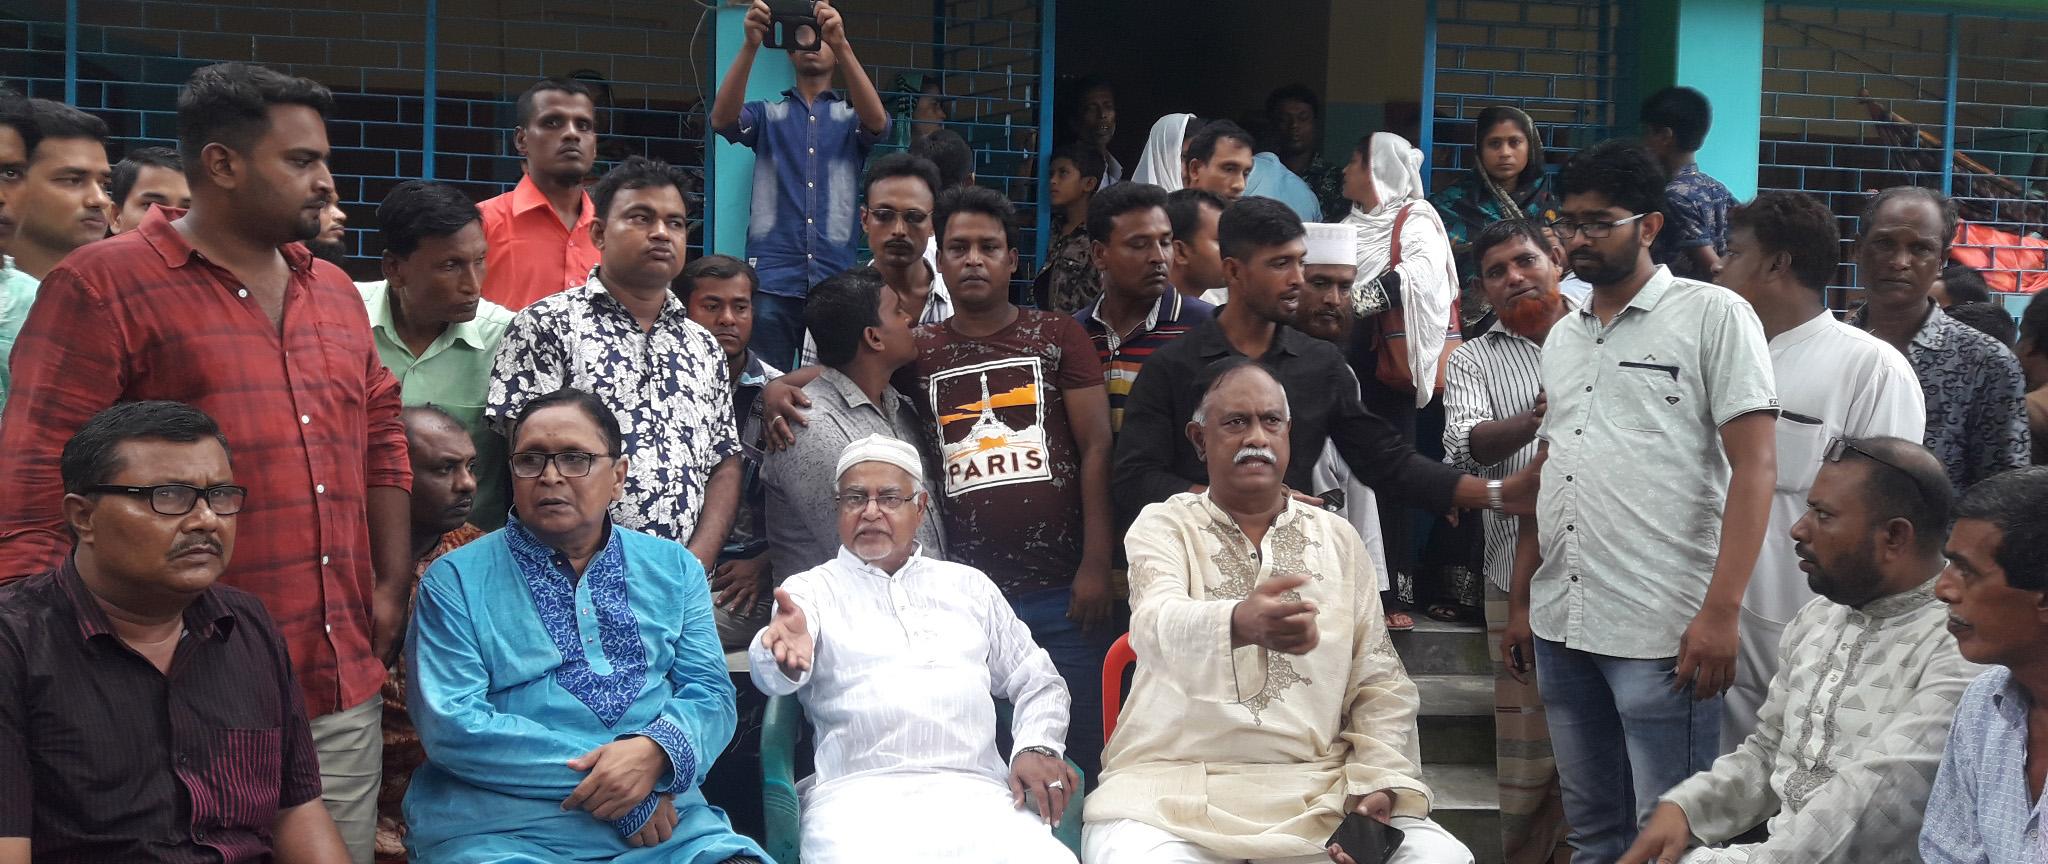 কালিগঞ্জে নিহত ইউপি চেয়ারম্যানের বাড়িতে জাপার প্রতিনিধি দল: আজ মানববন্ধন